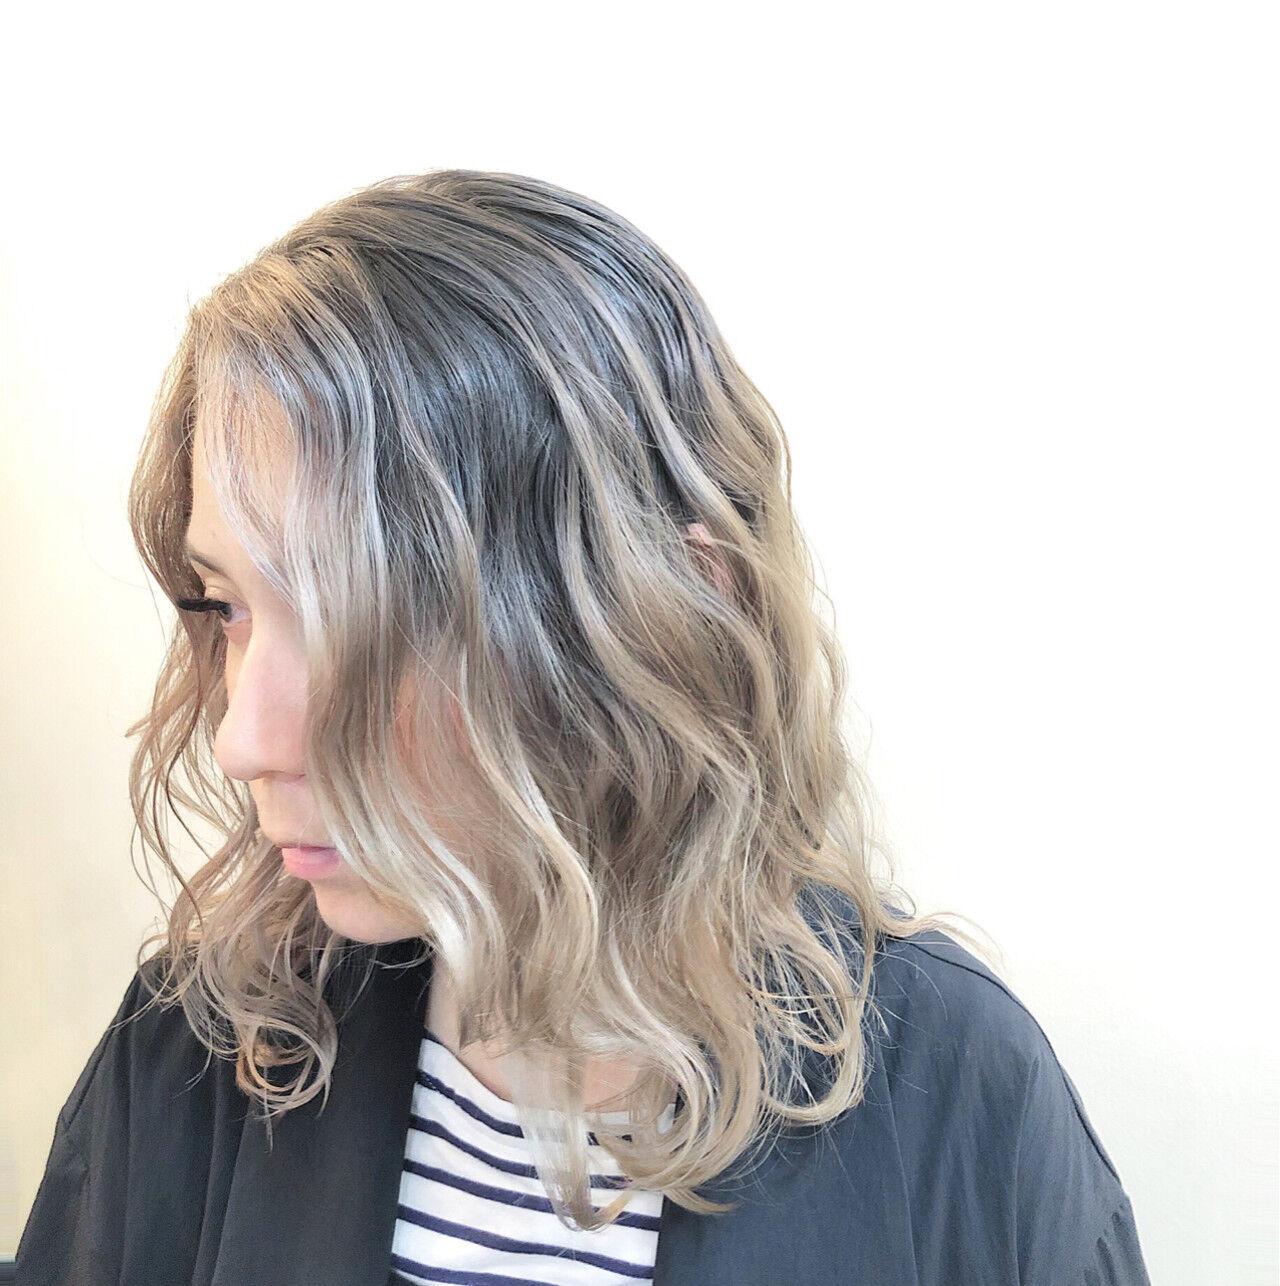 グラデーションカラー ミディアム ハイライト バレイヤージュヘアスタイルや髪型の写真・画像